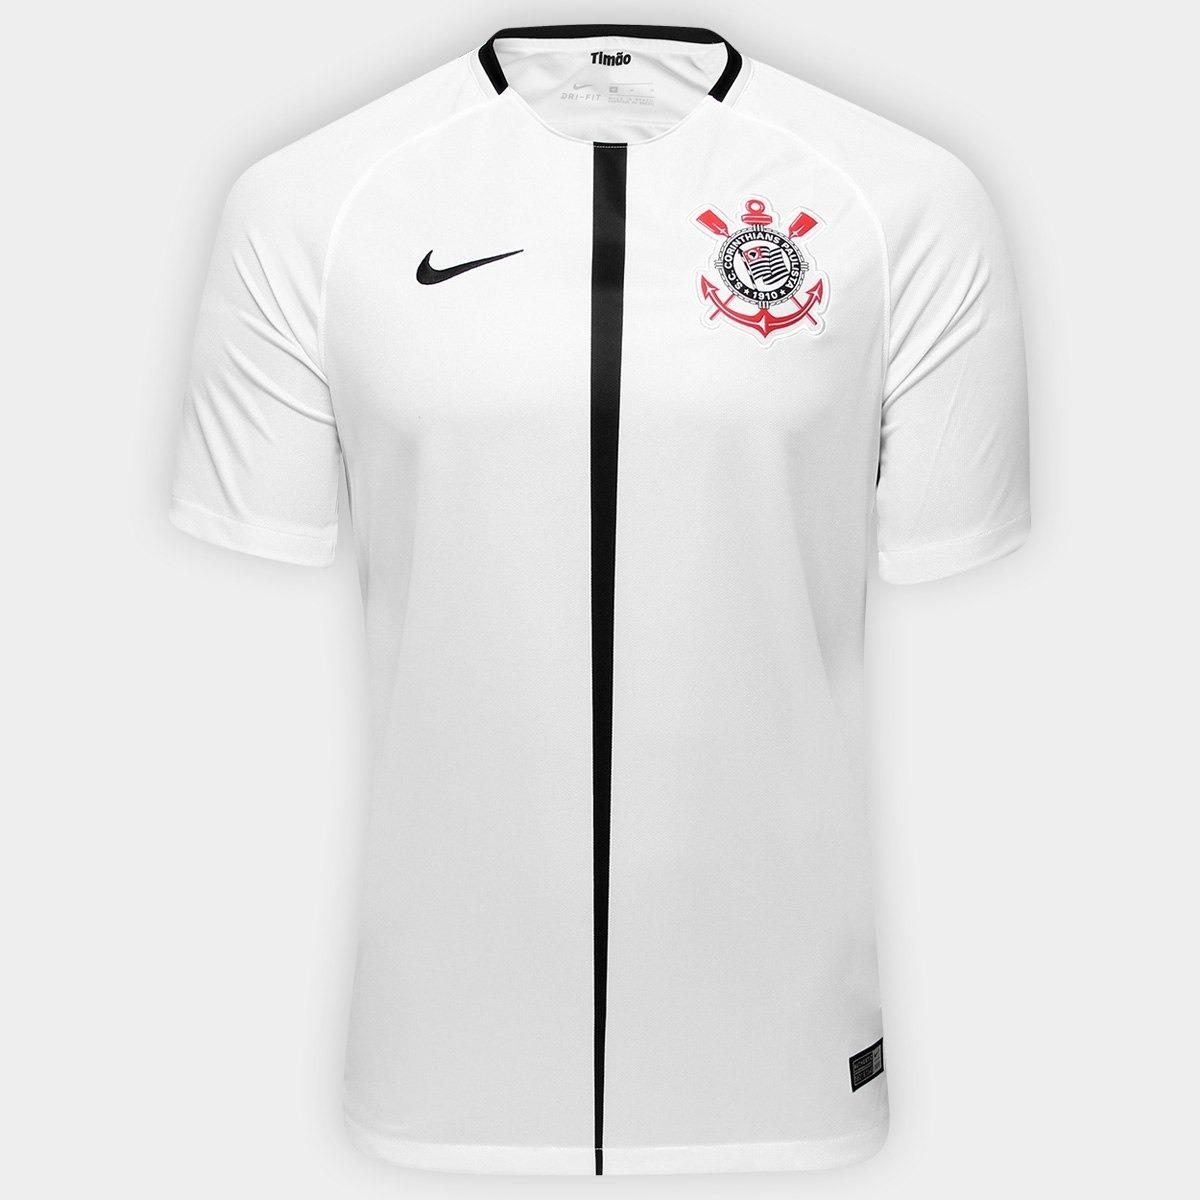 dcf2620109 Camisa Do Corinthians 2017/18 (personalizada) - R$ 170,00 em Mercado ...